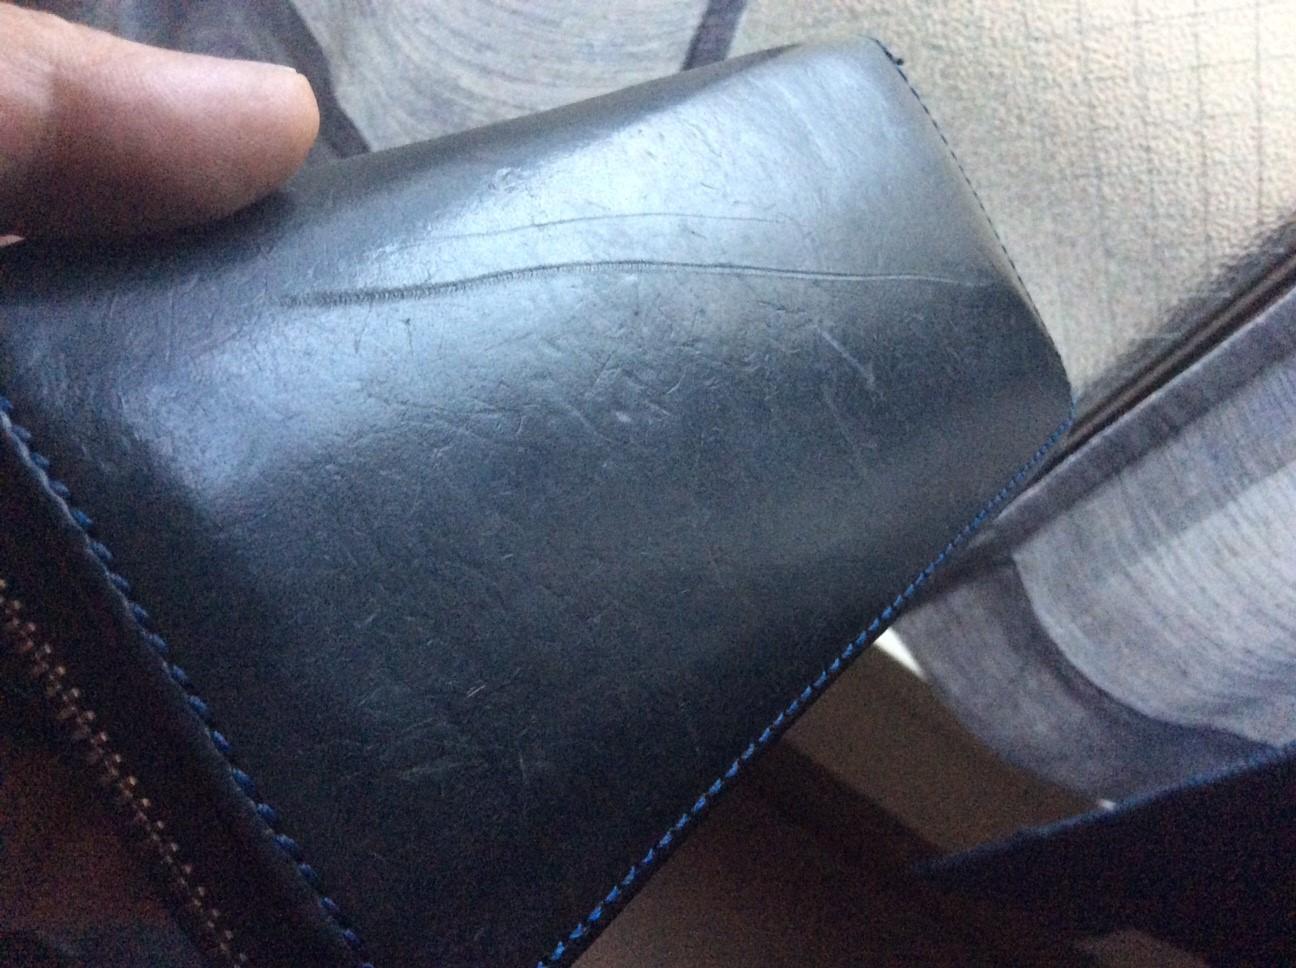 戻ってきた財布と名誉の勲章の傷